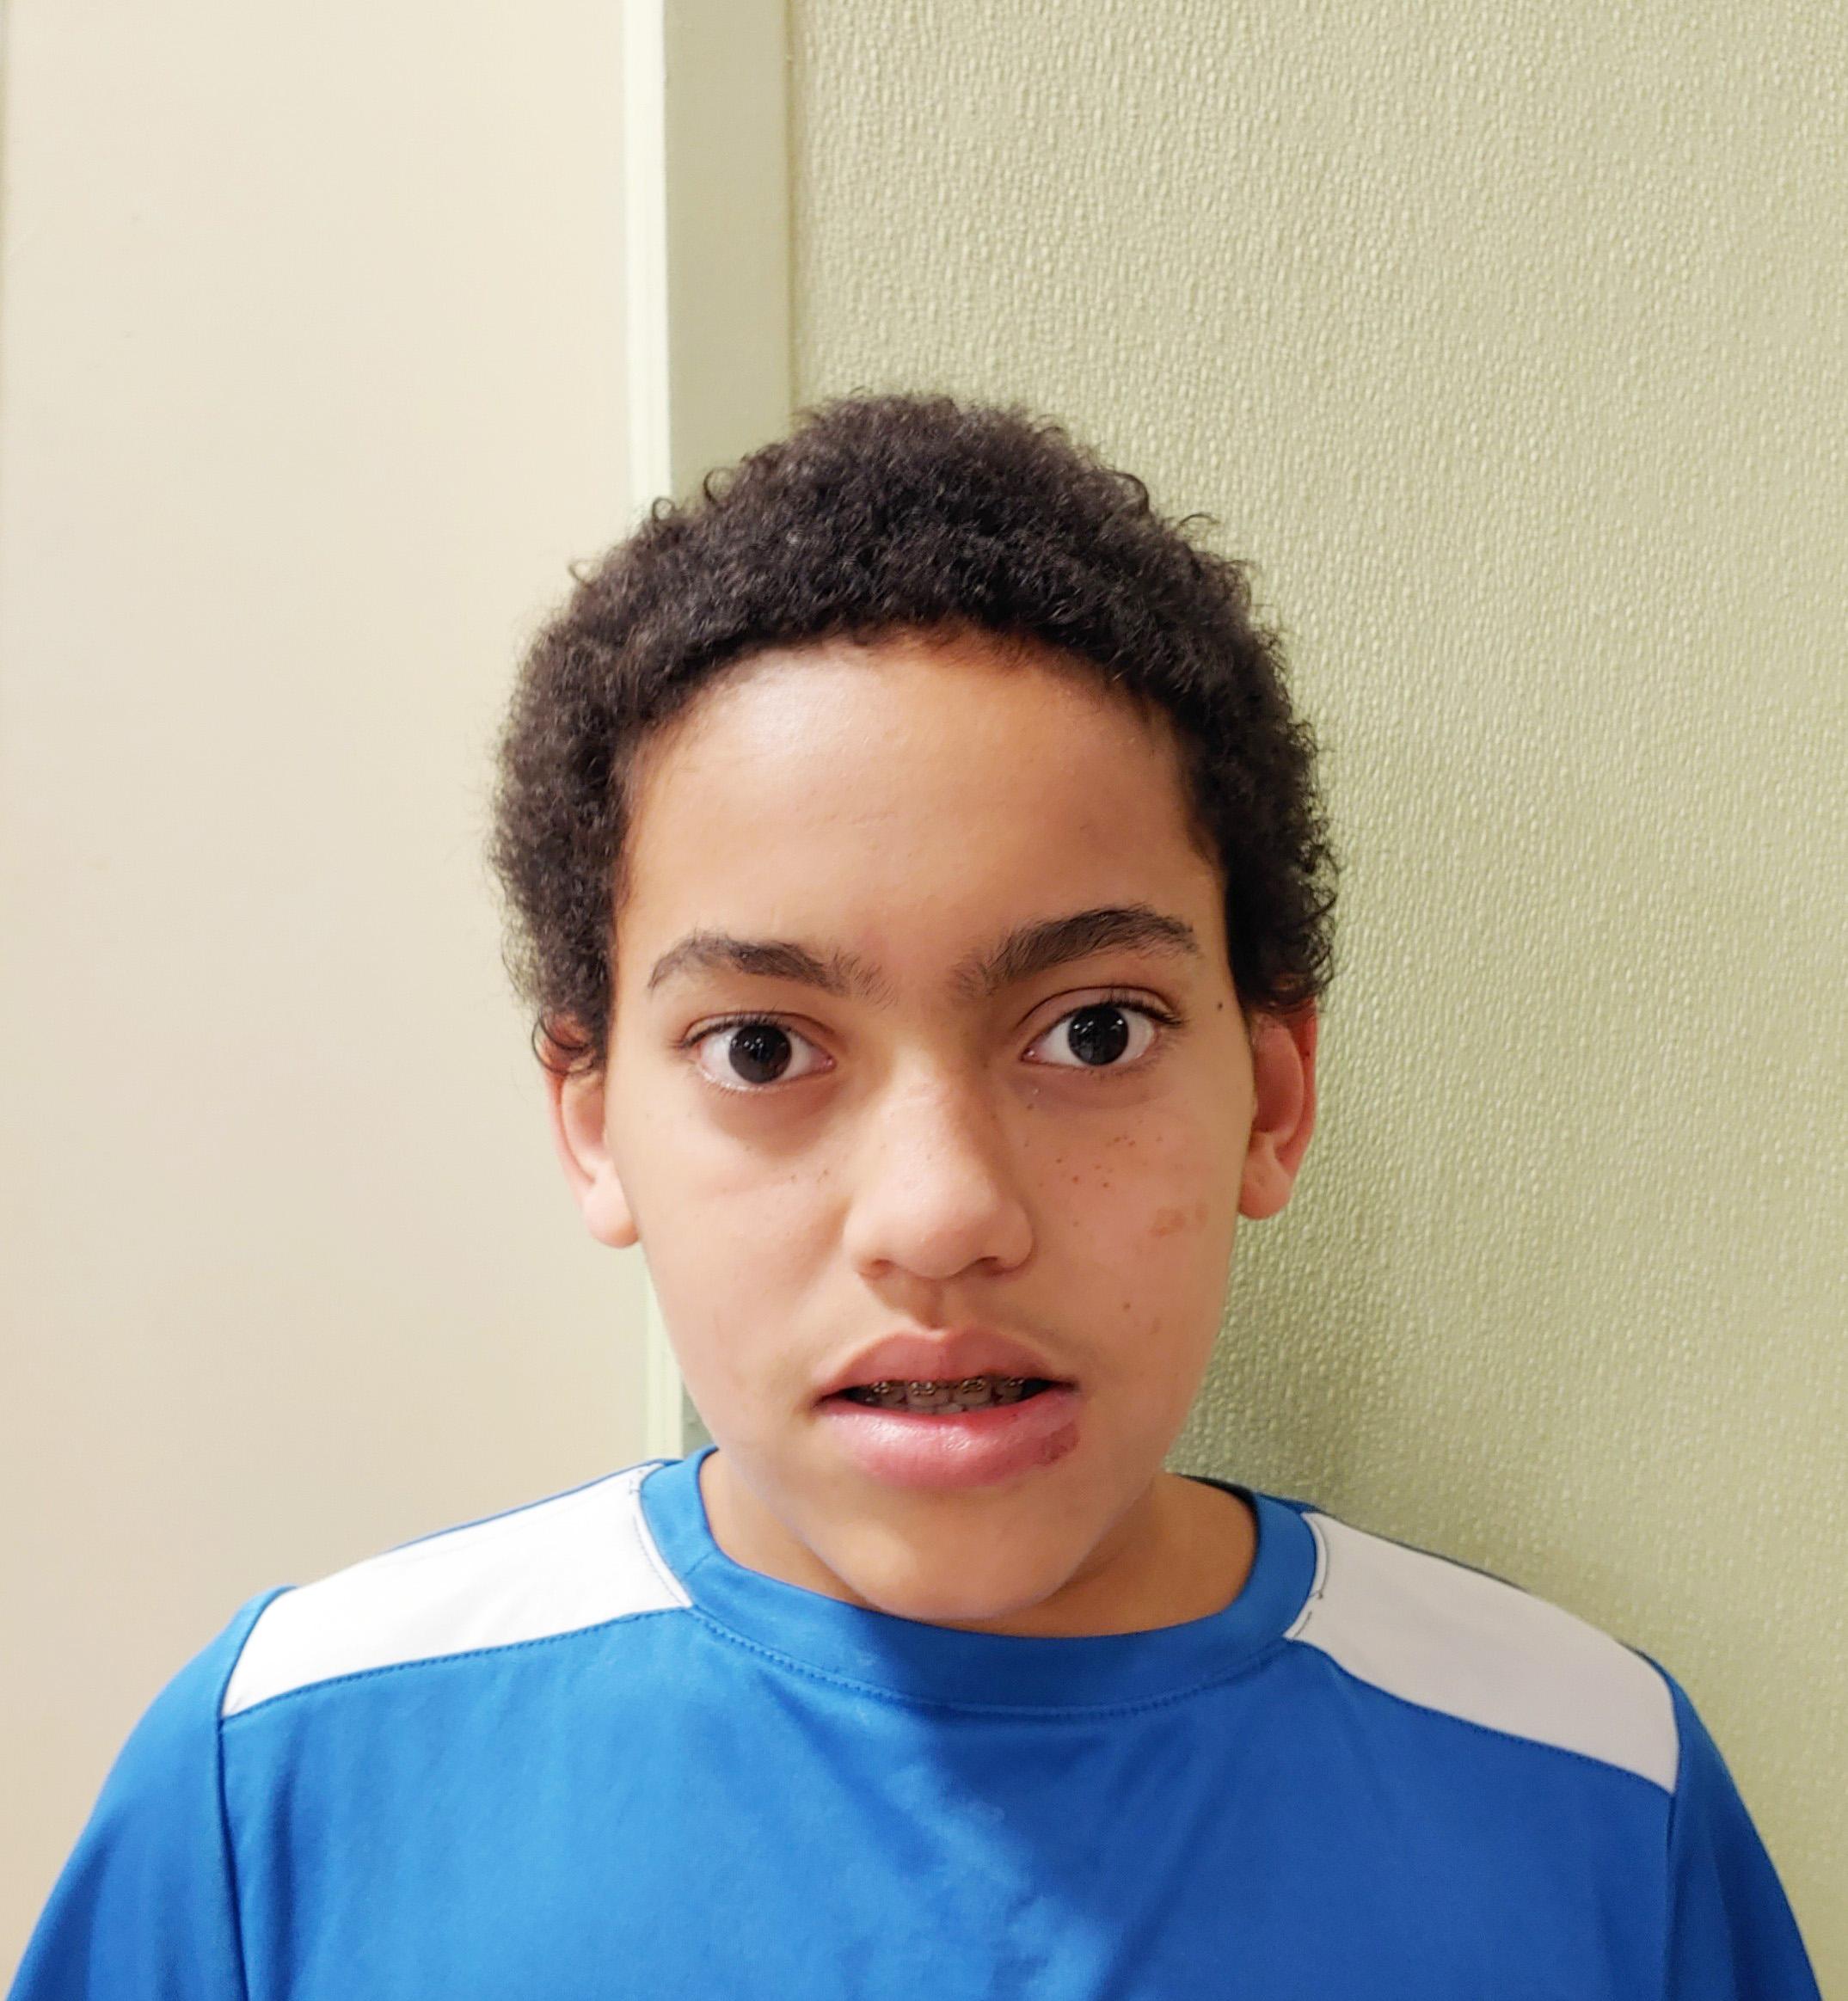 Blueberry pie because I like the fruit.  Josh, age 12  Hanahan